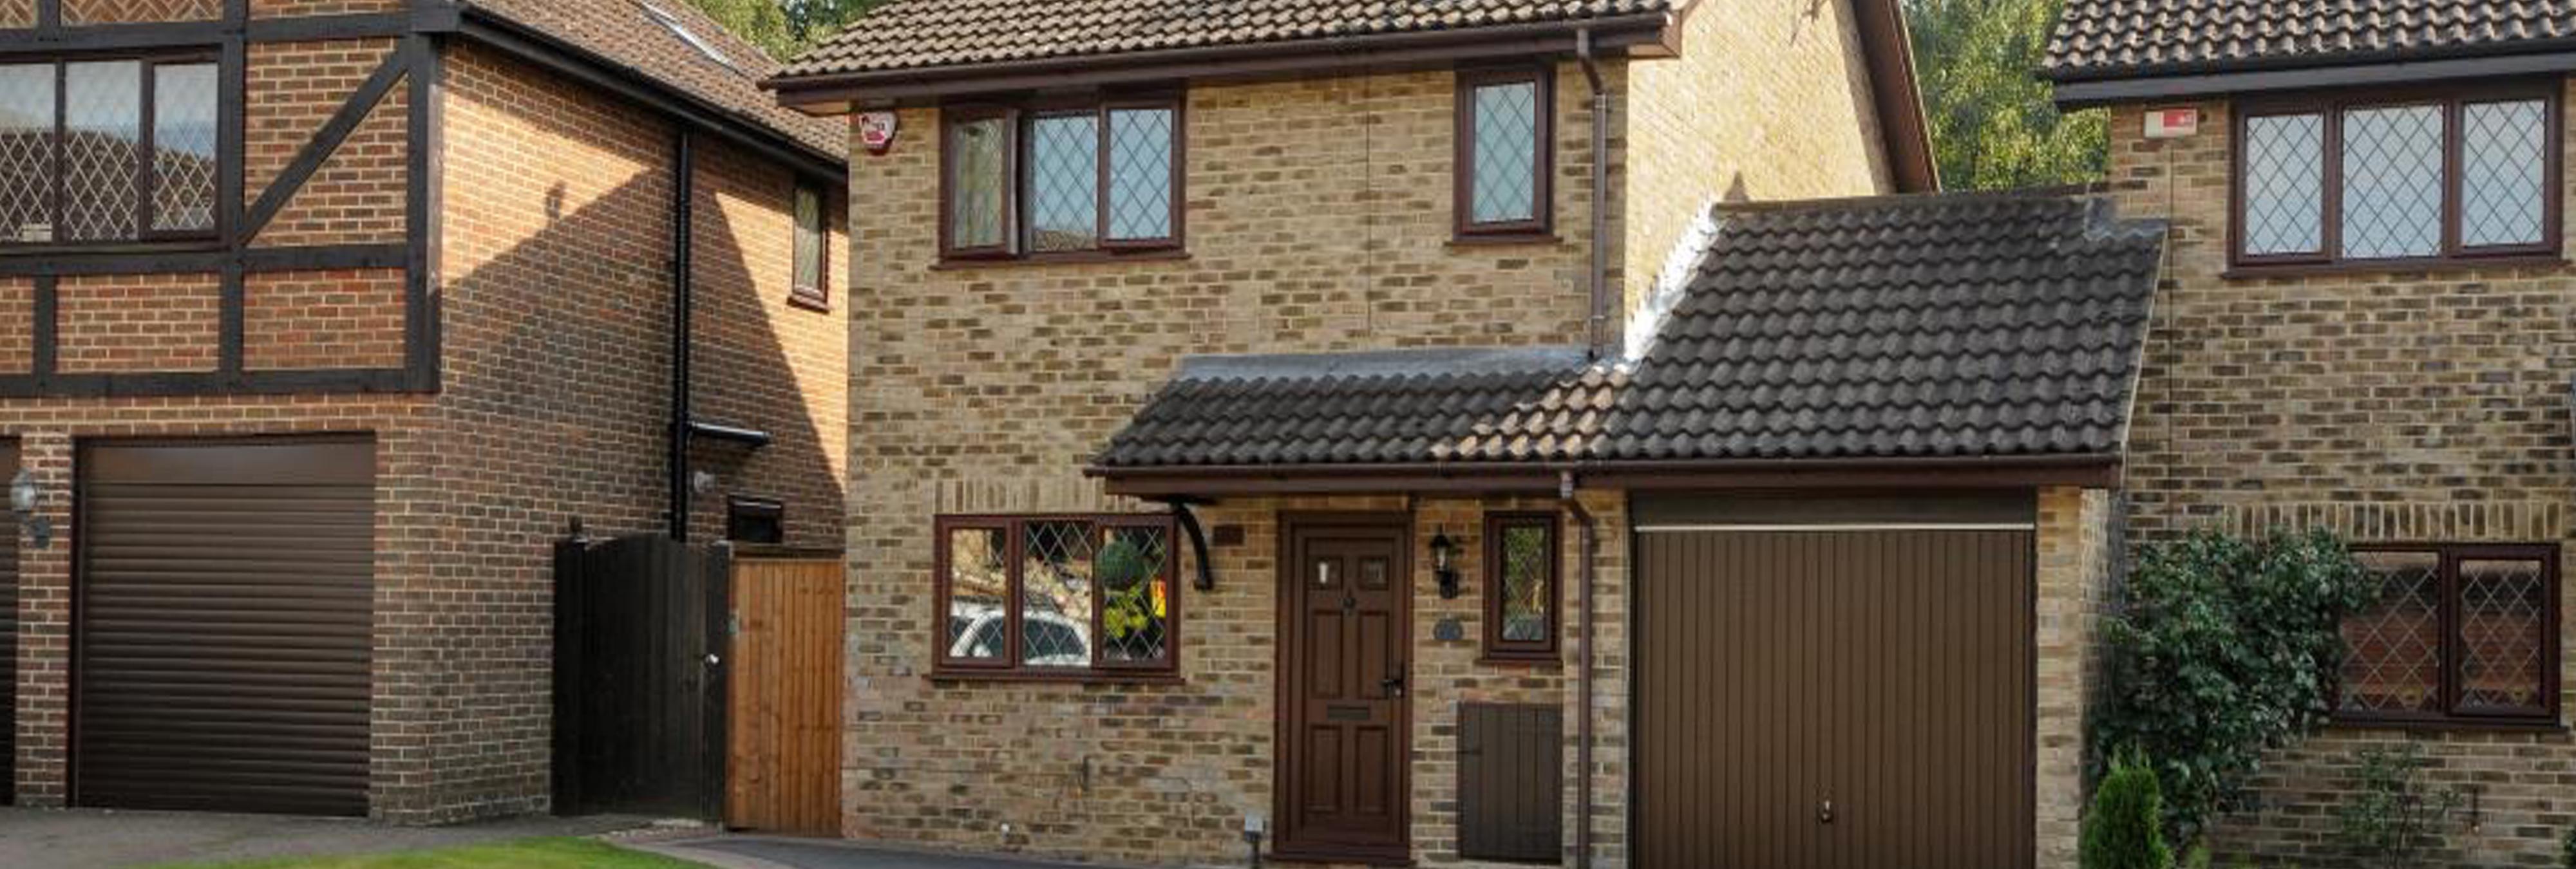 Ponen a la venta la casa de Harry Potter y no es tan cara como podríamos esperar